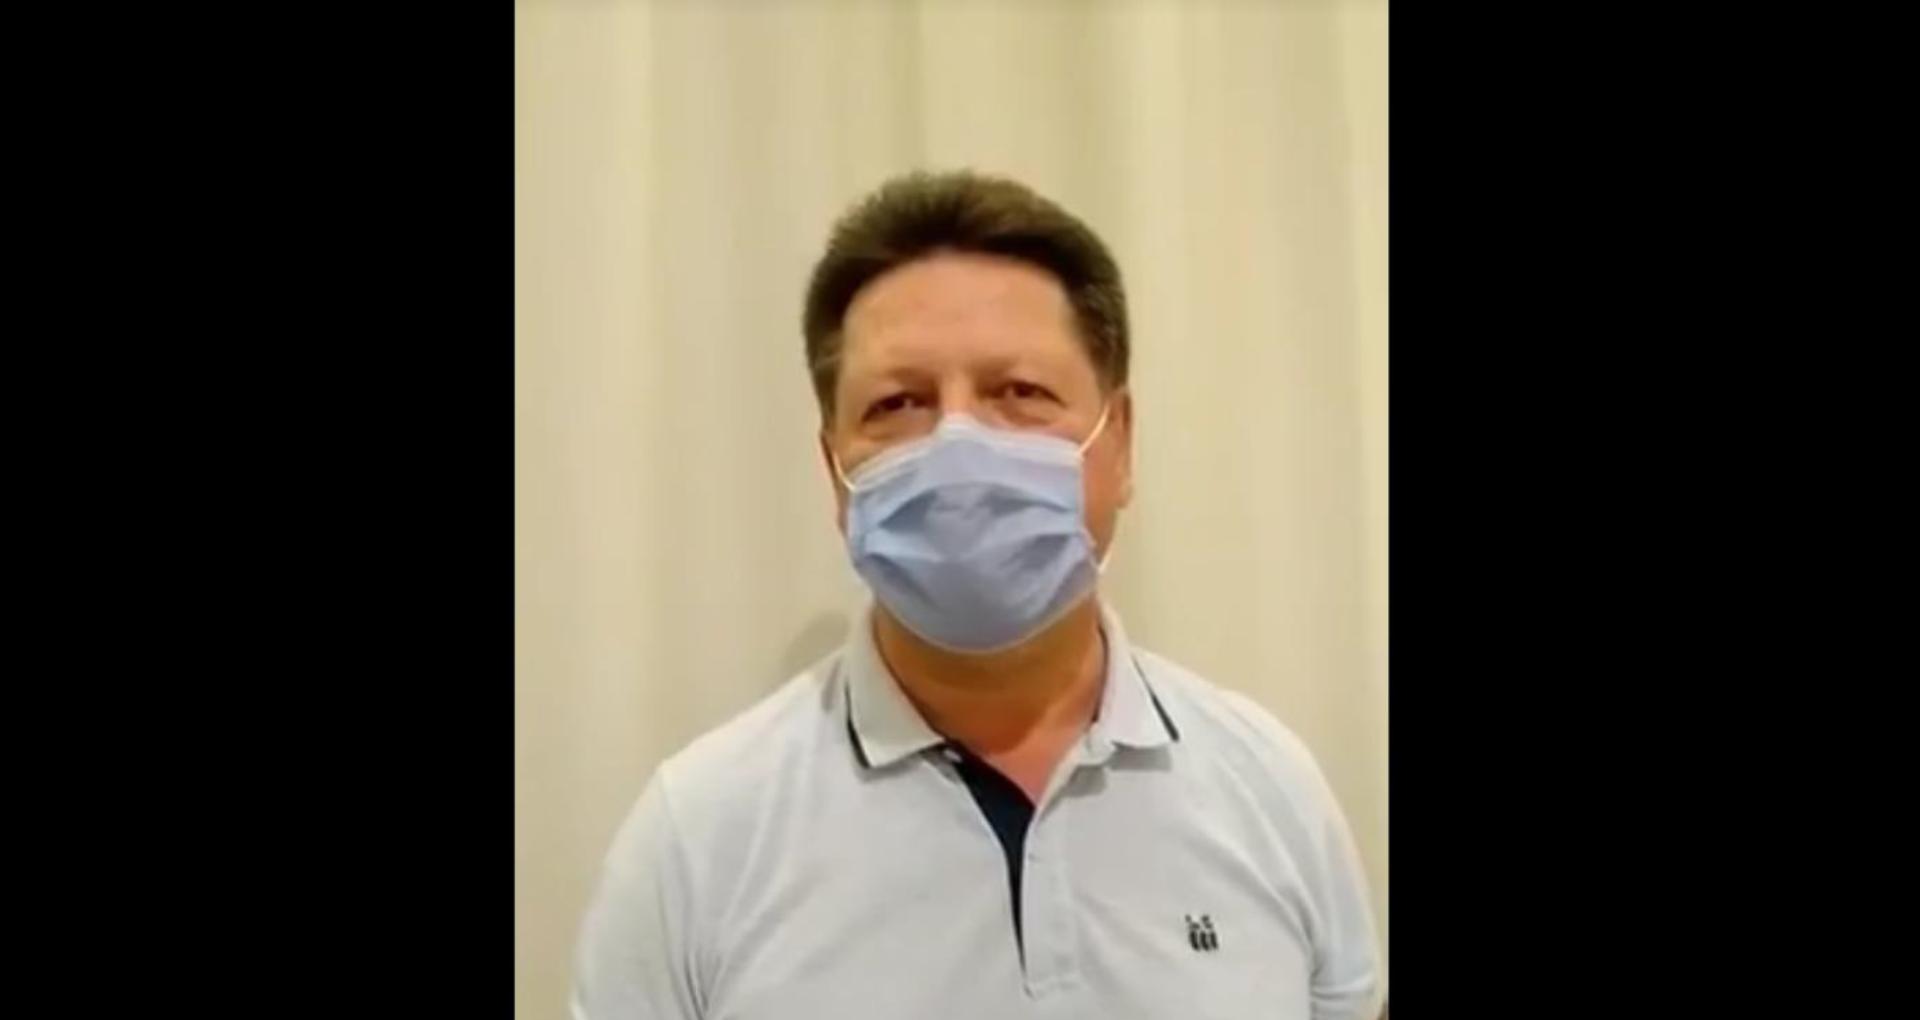 DOC/ Ștefan Gațcan se află la Iași. Inspectoratul de poliție județean l-a contactat după ce Poliția română a fost sesizată privind posibila sechestrare a deputatului